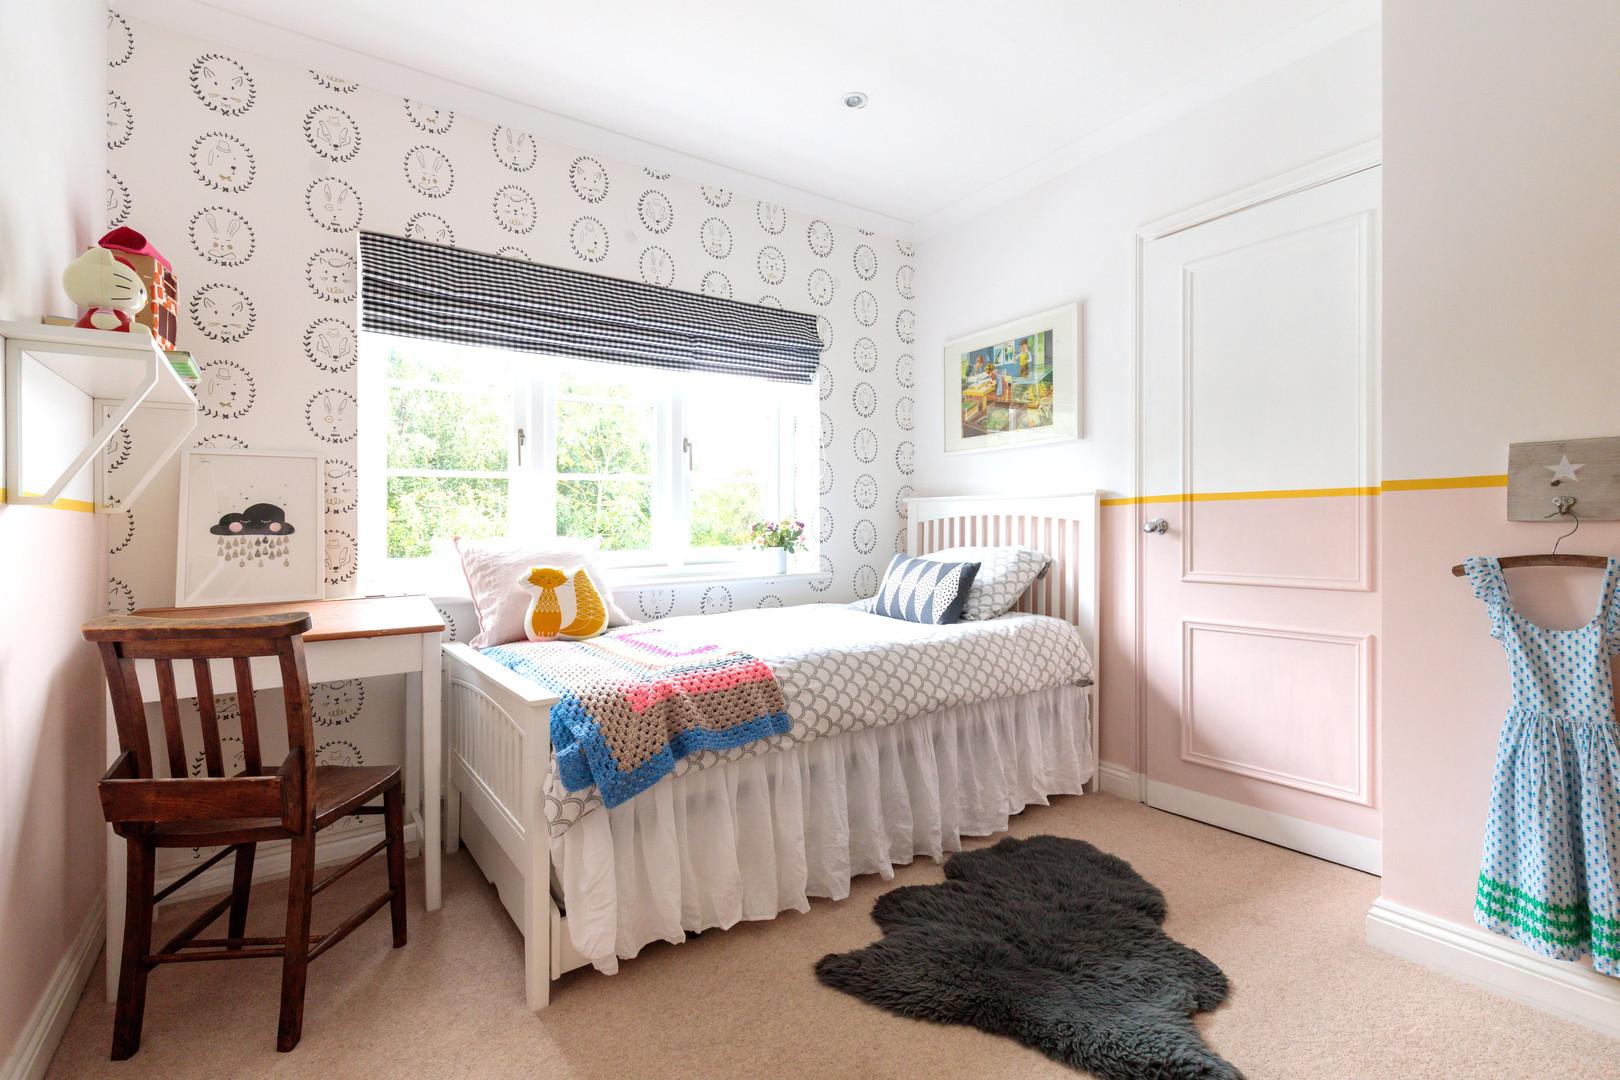 002-Studio-Hanson-Bedroom.jpg